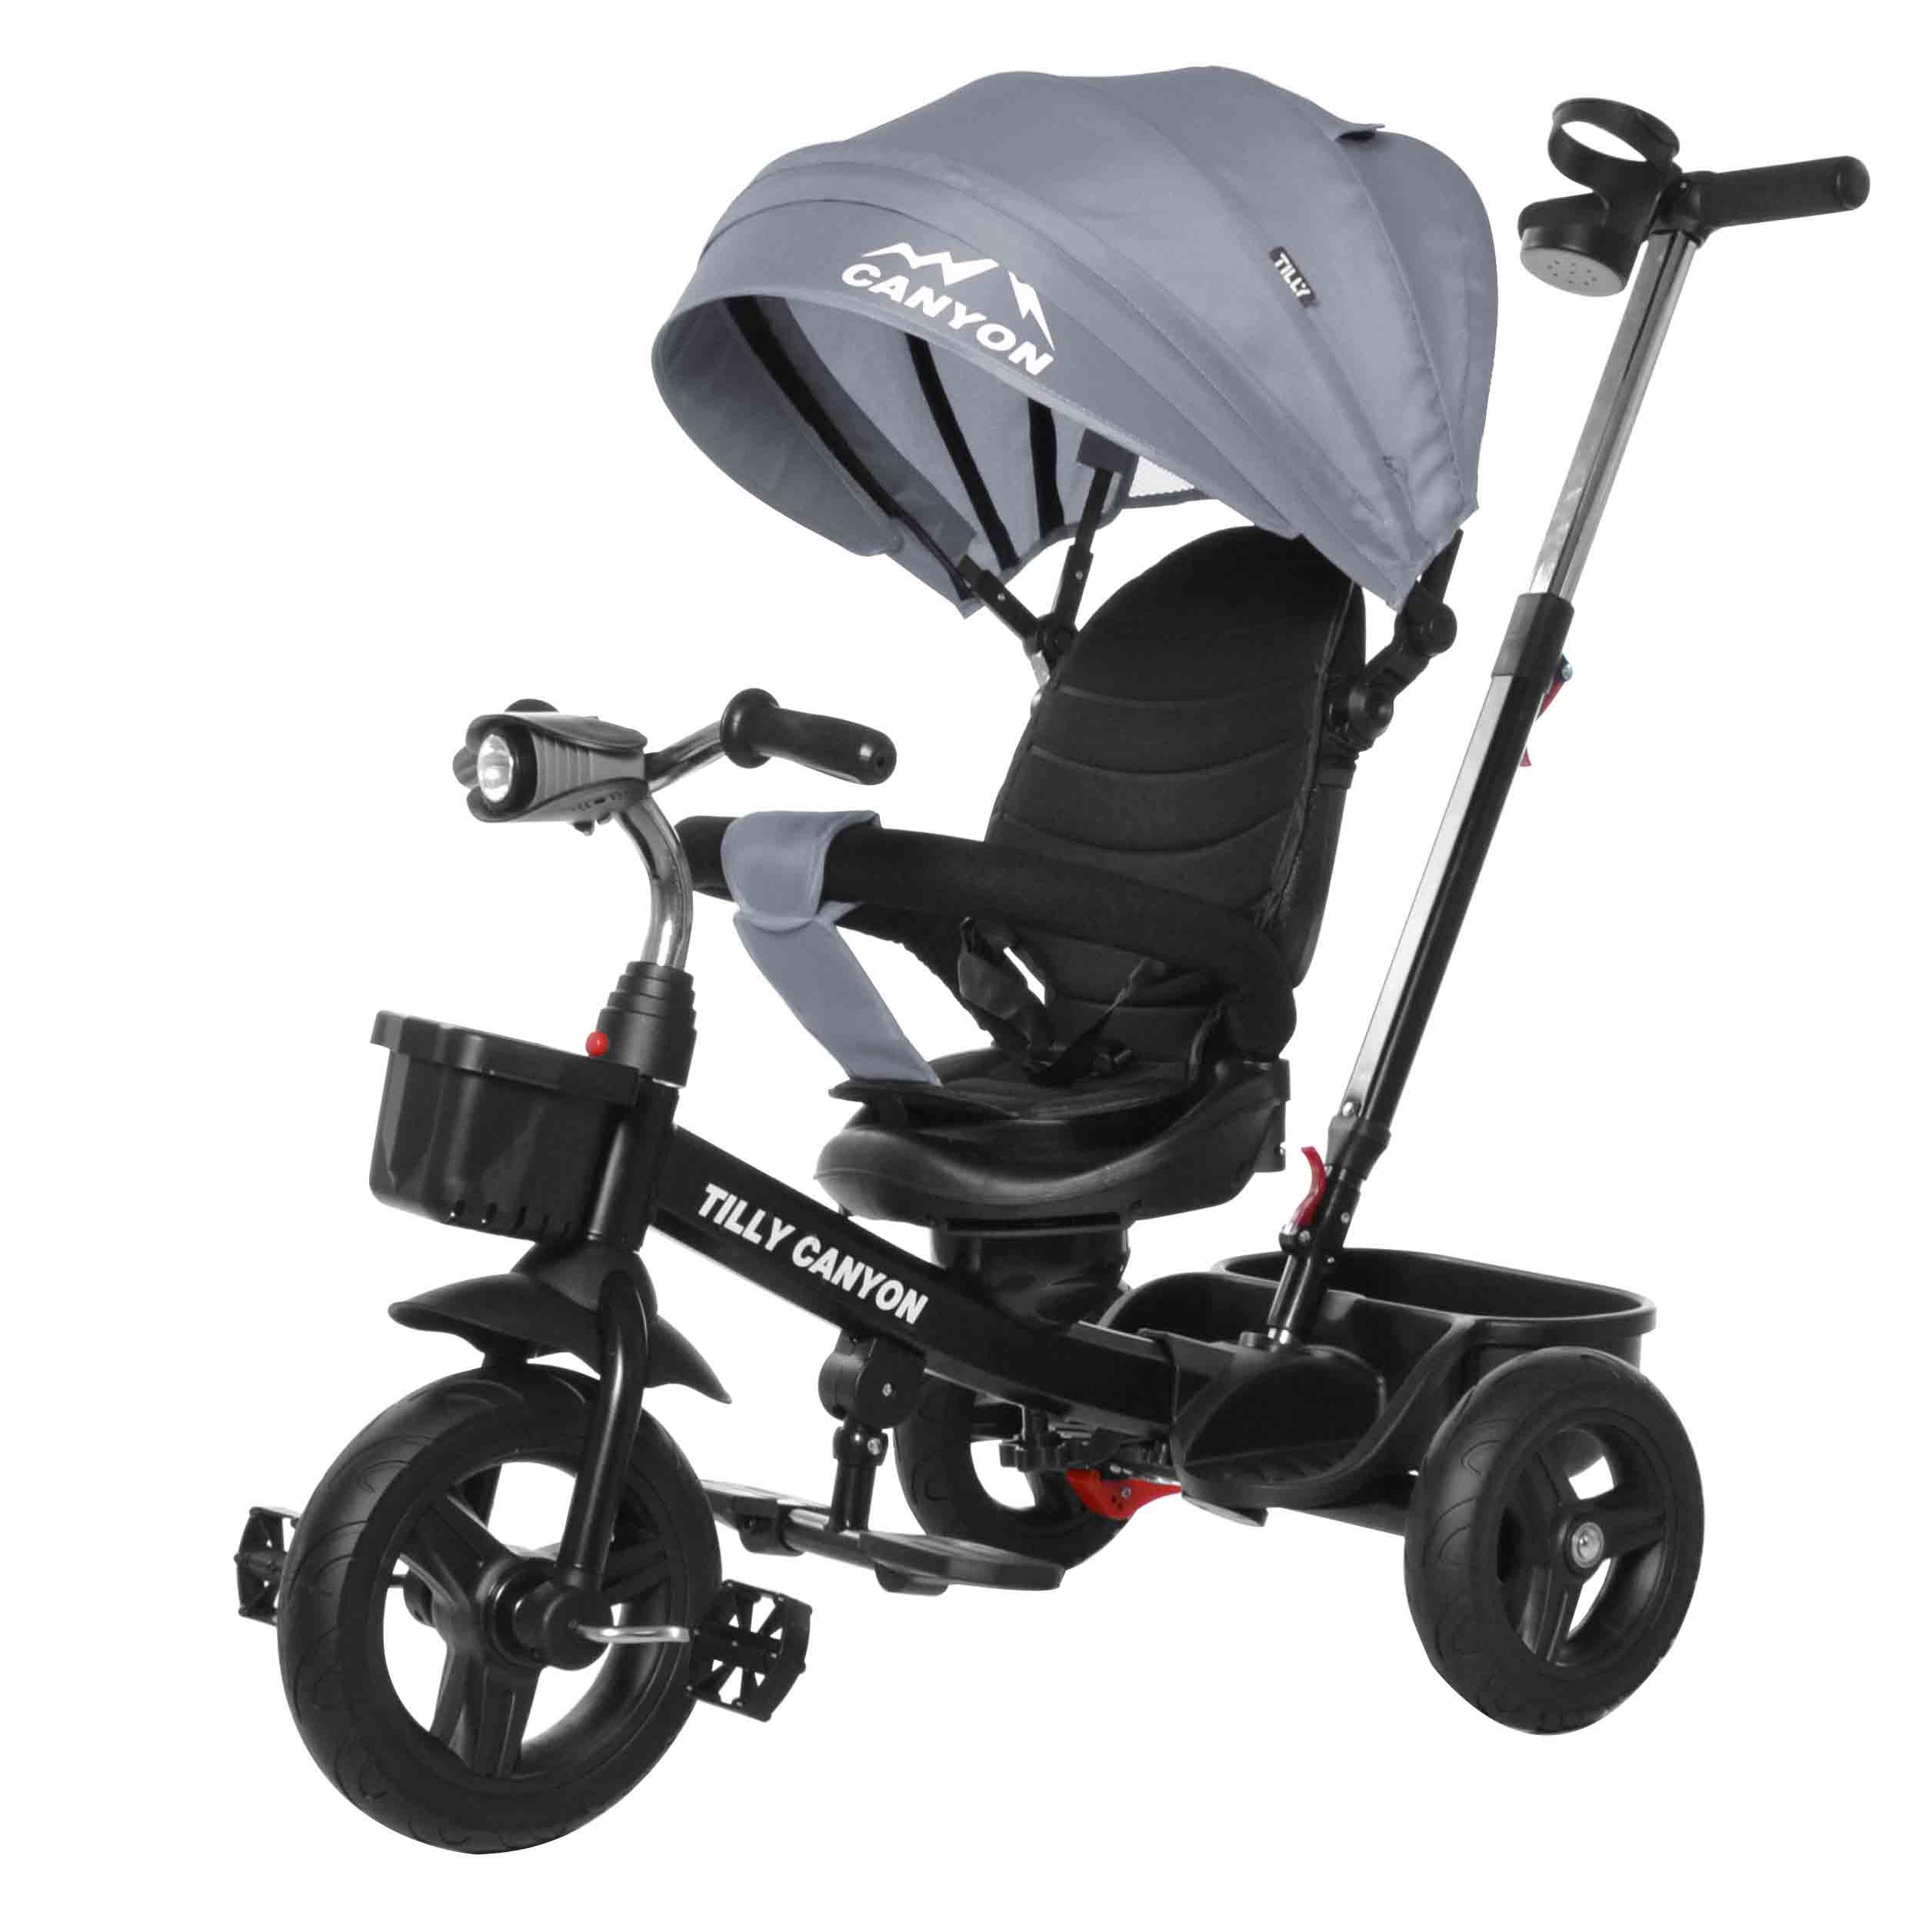 Велосипед триколісний TILLY CANYON T-384 Сірий